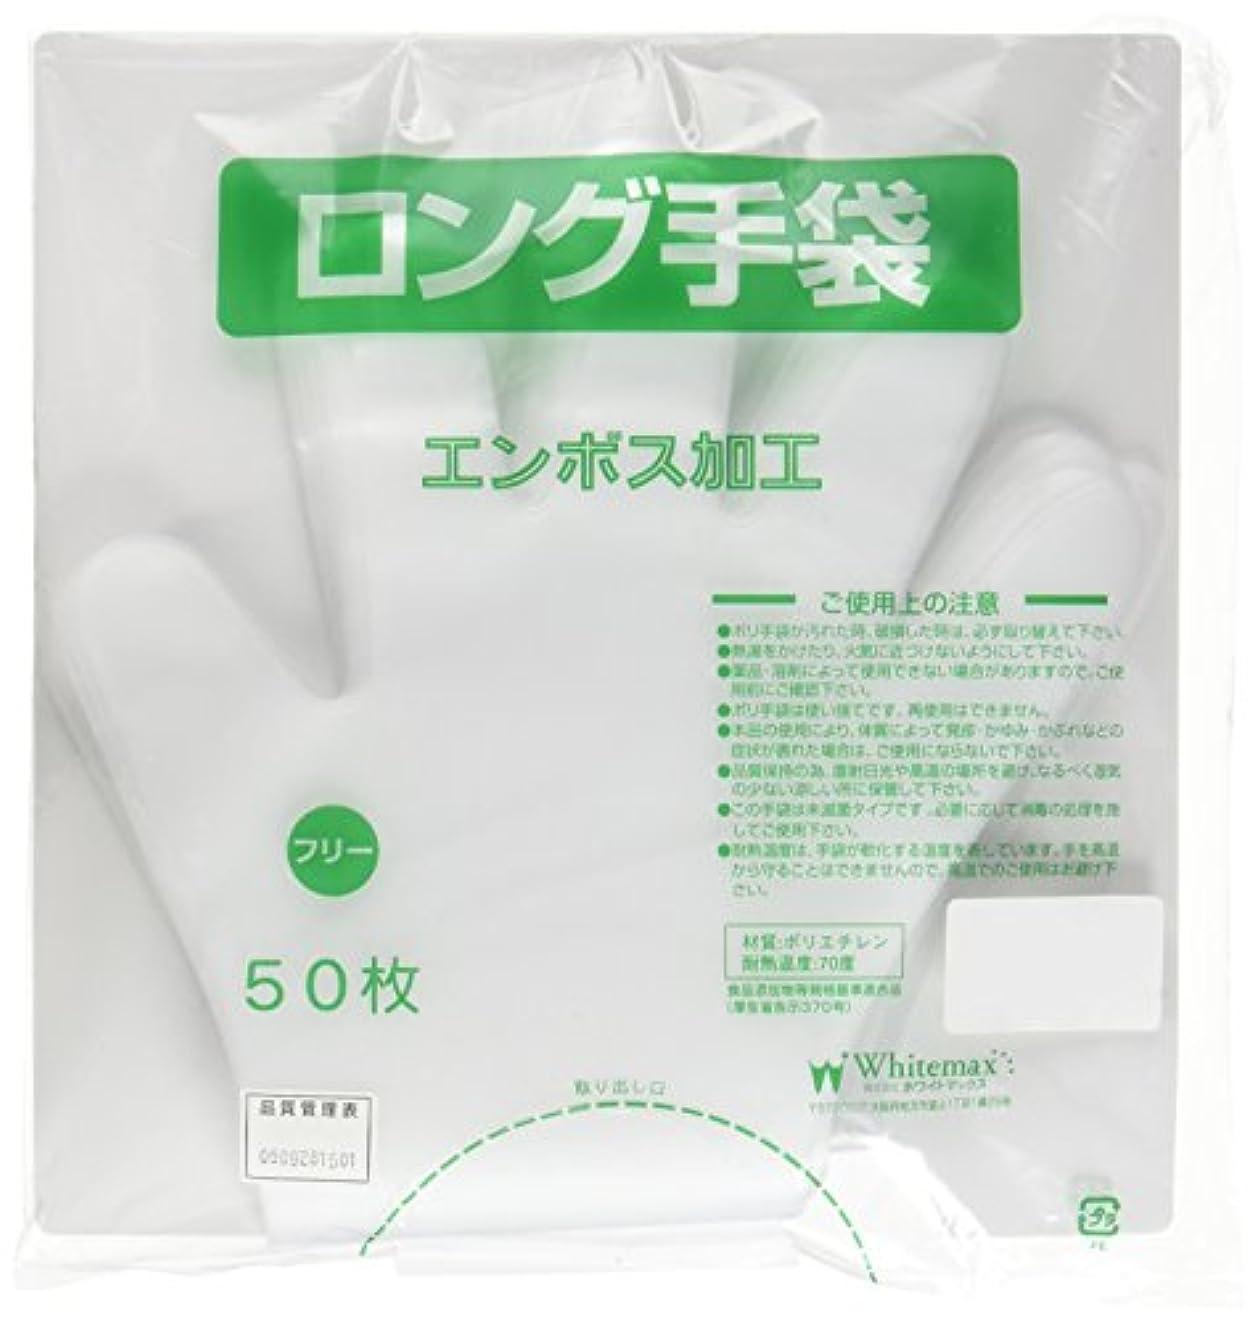 方程式平凡同一のホワイトマックス エンボスロング手袋 そでゴム無し 50枚入 TP-11